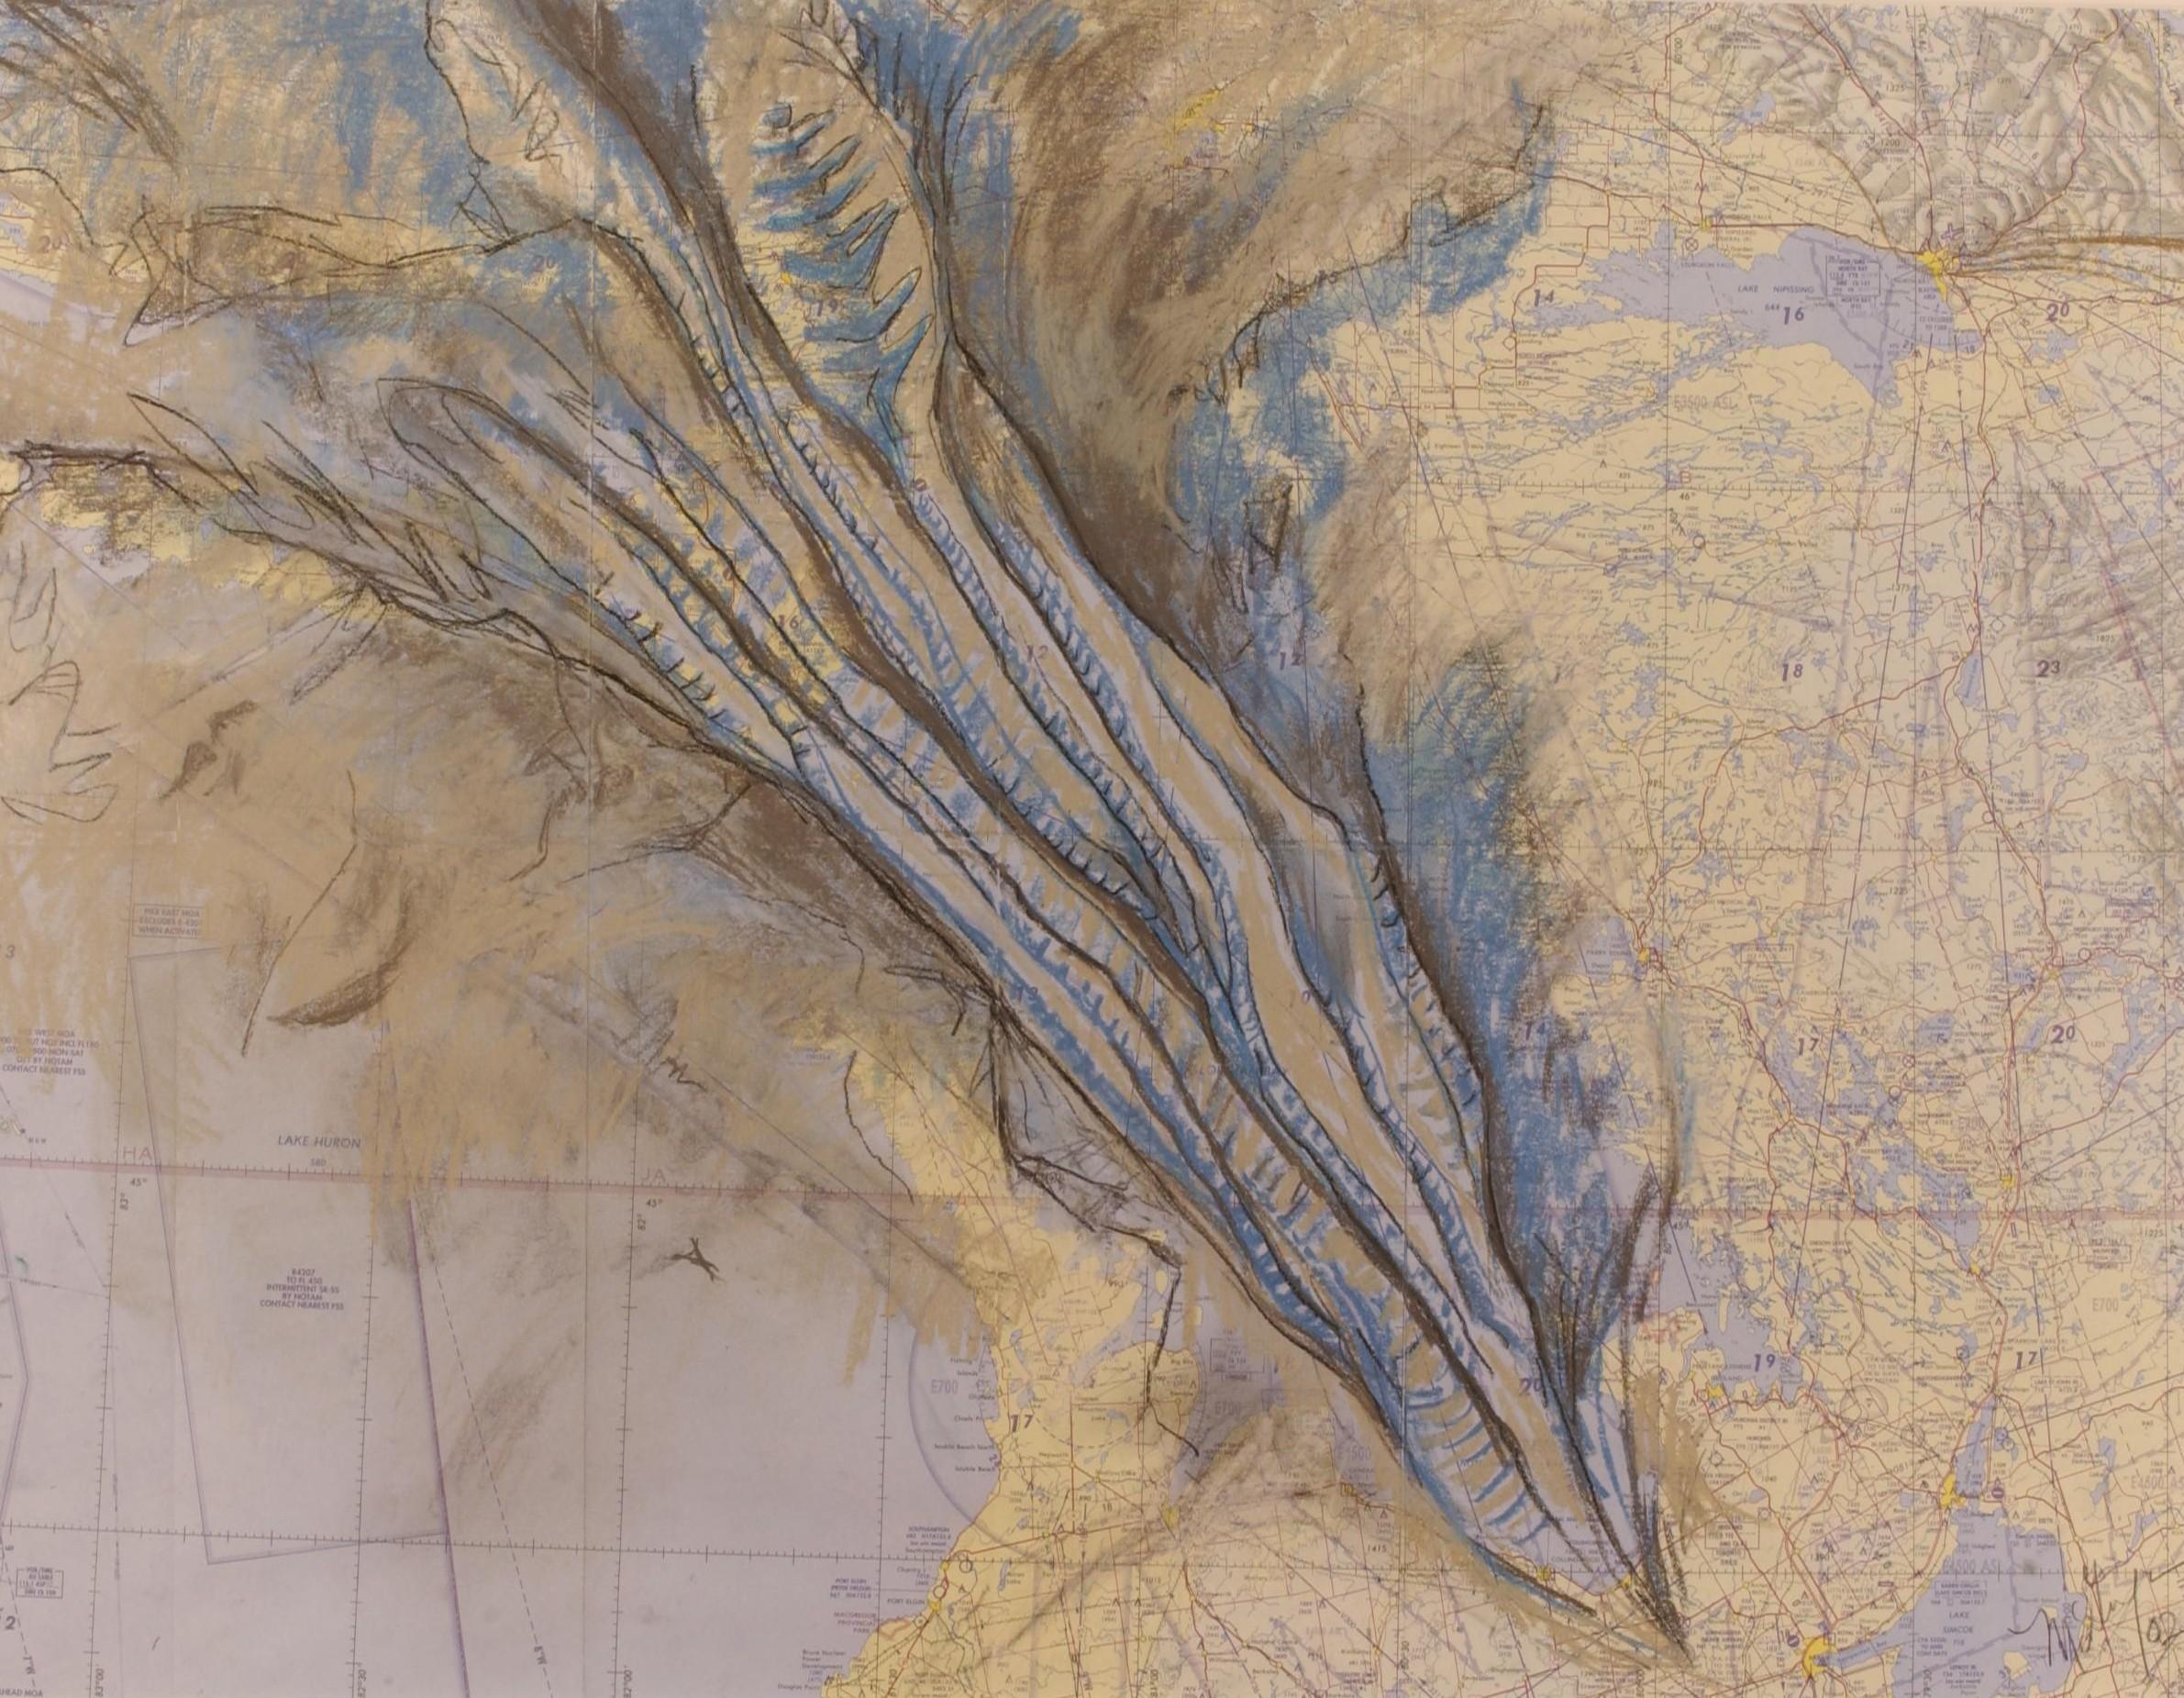 Georgian Bay Formation